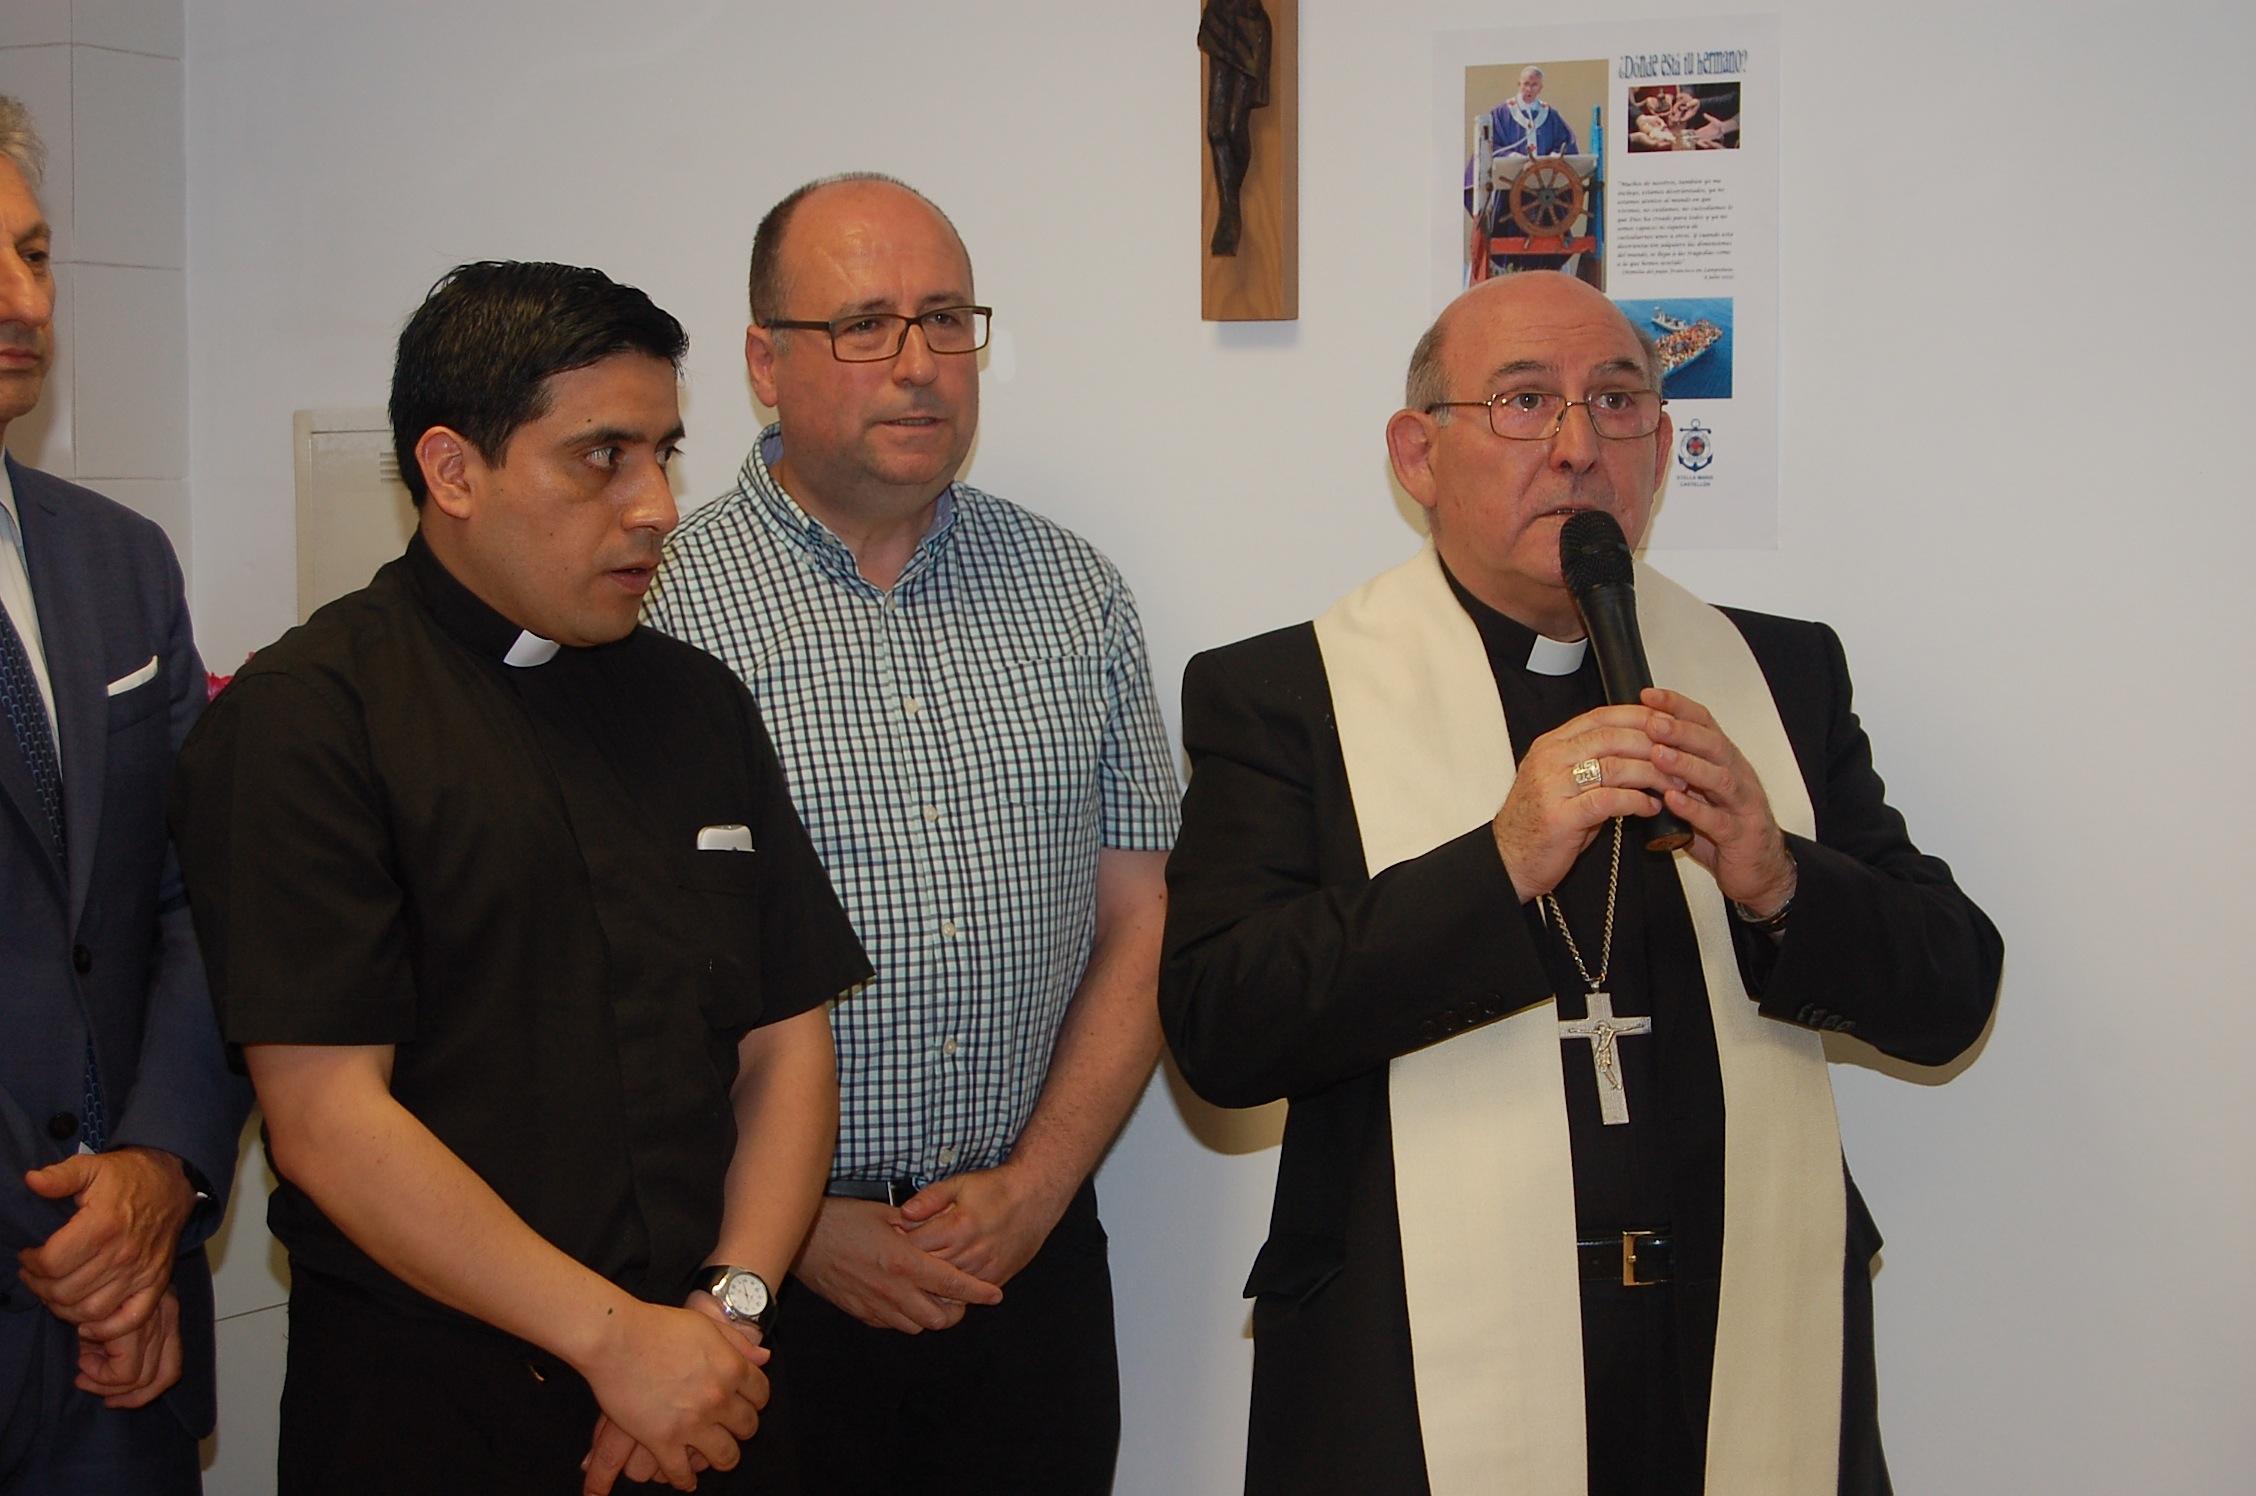 Bendición de la nueva sede a cargo del Obispo de nuestra diócesis